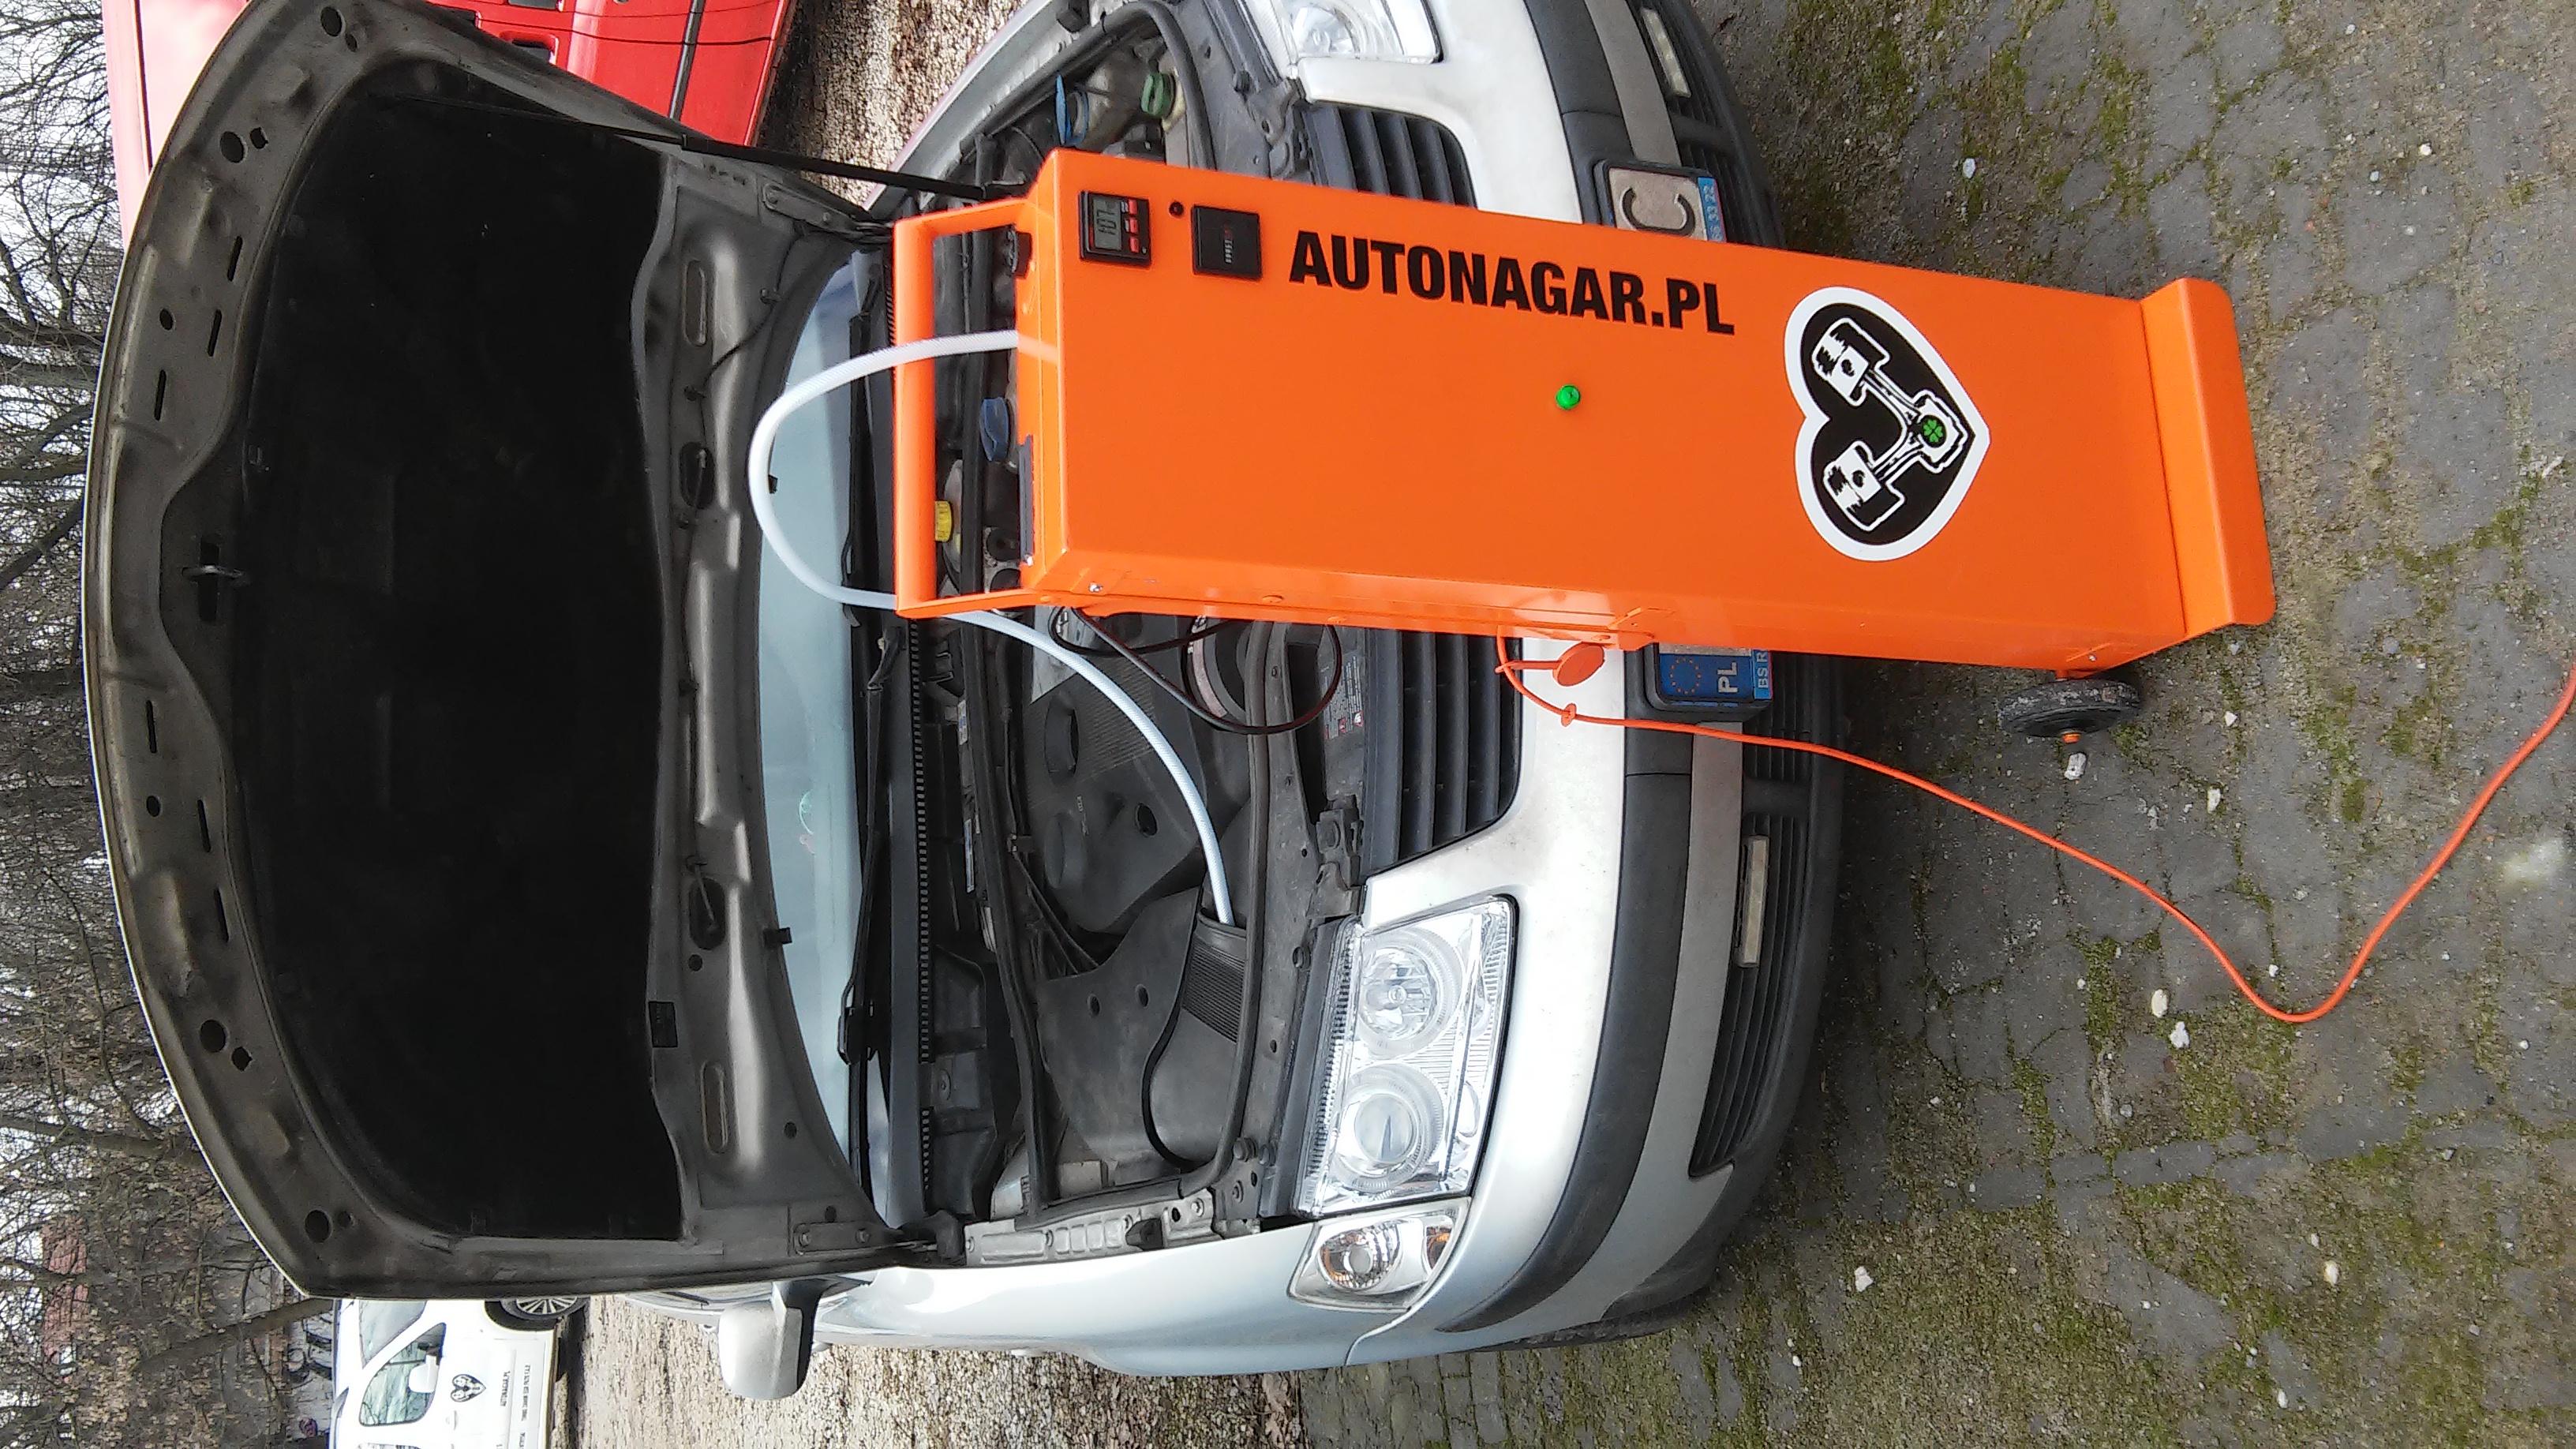 Autonagar.pl,